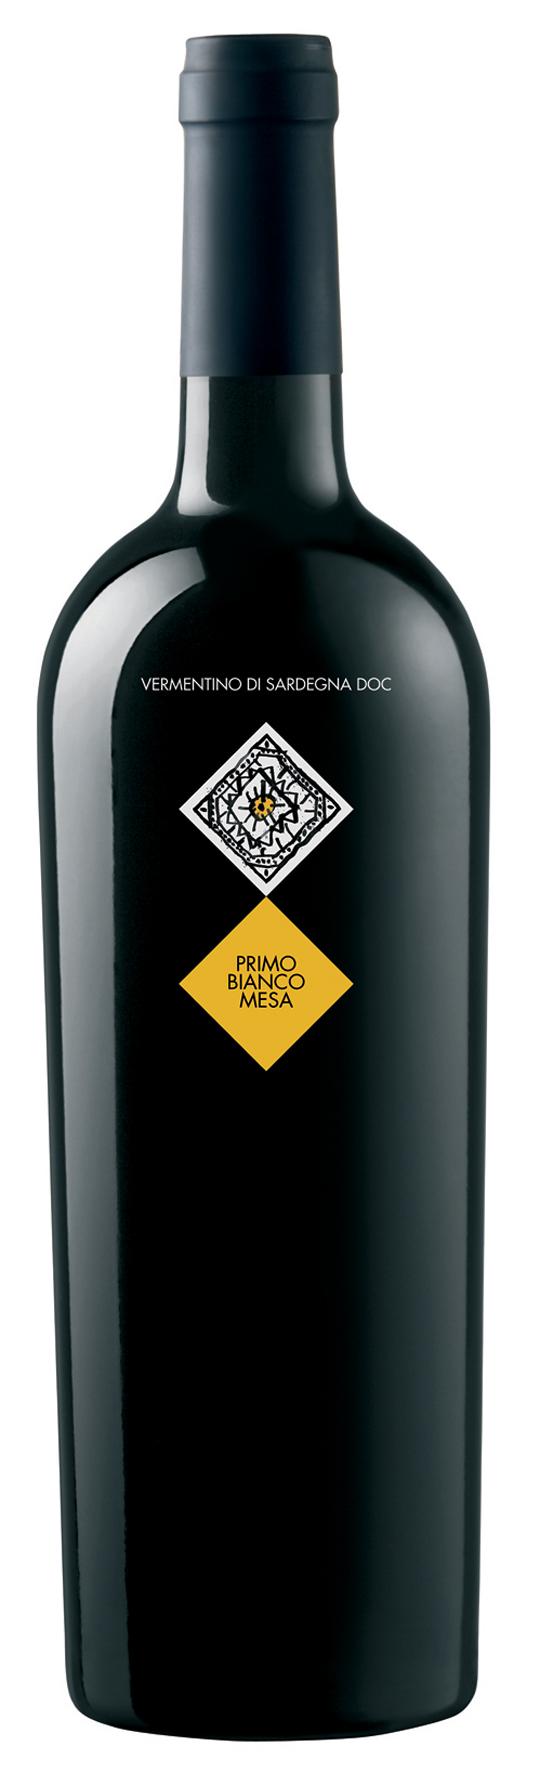 2015 Primo Bianco Vermentino di Sardegna DOC MESA